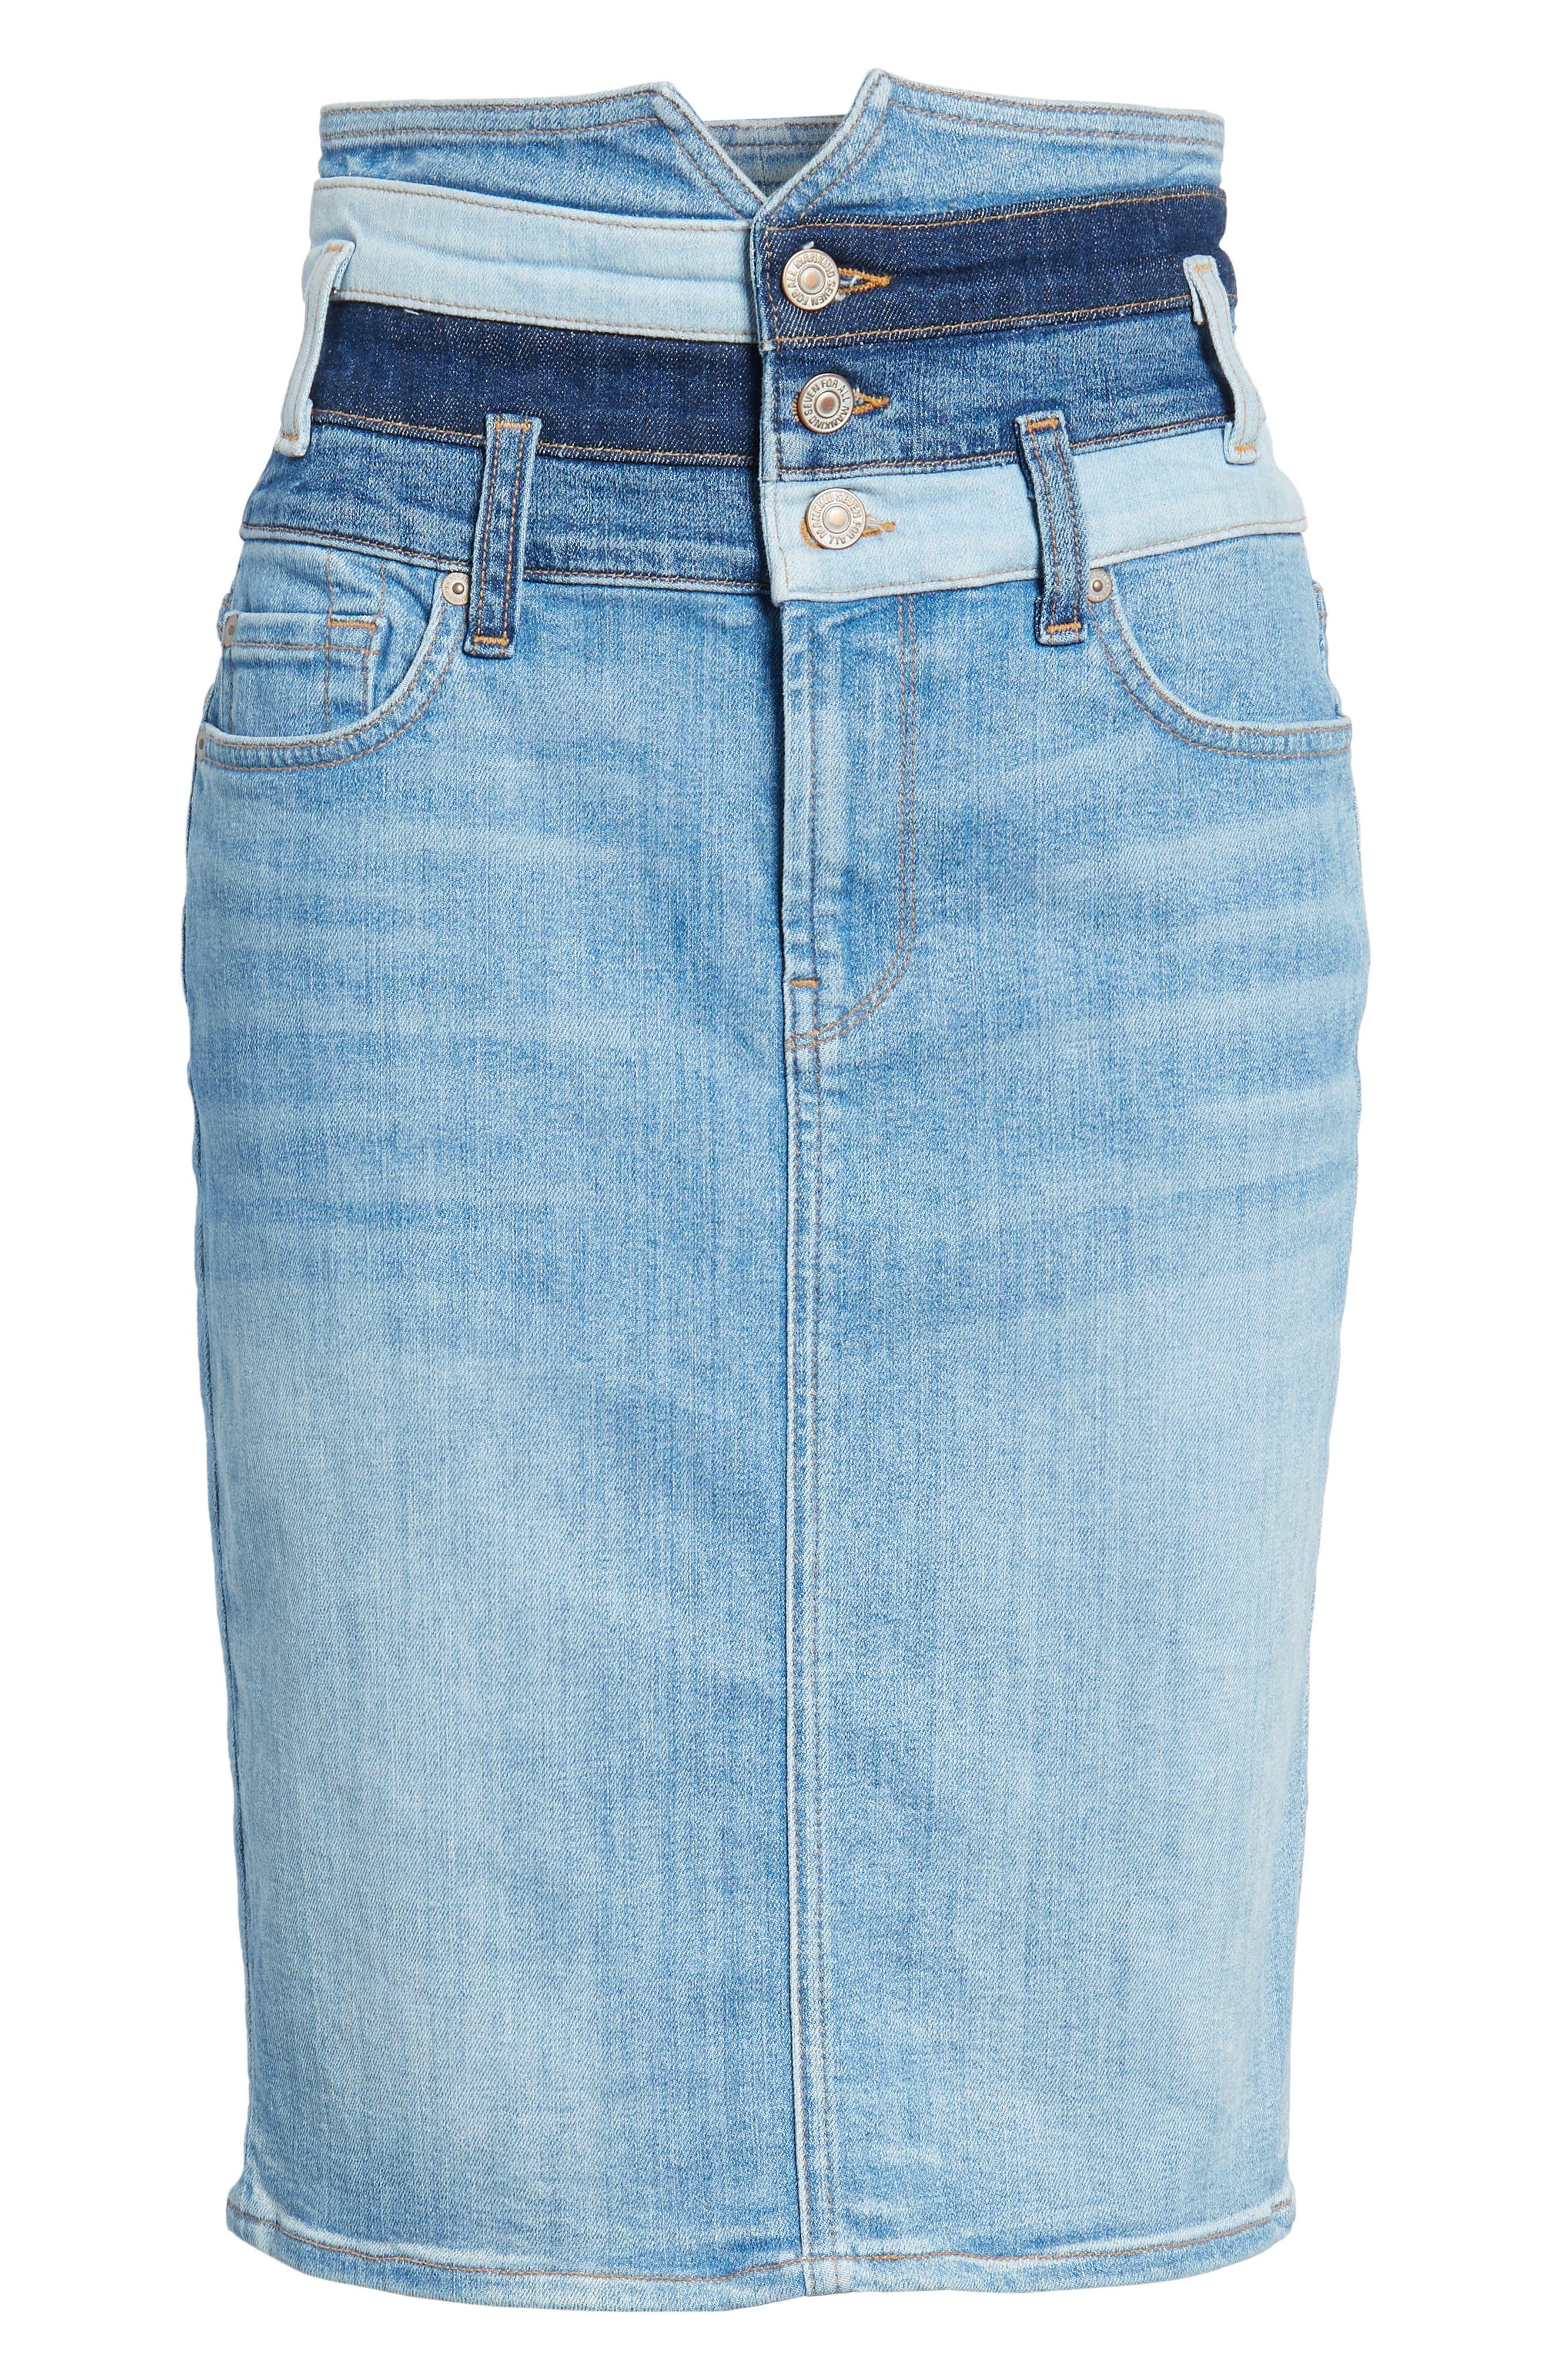 Patchwork Denim Skirt,                             Alternate thumbnail 6, color,                             400